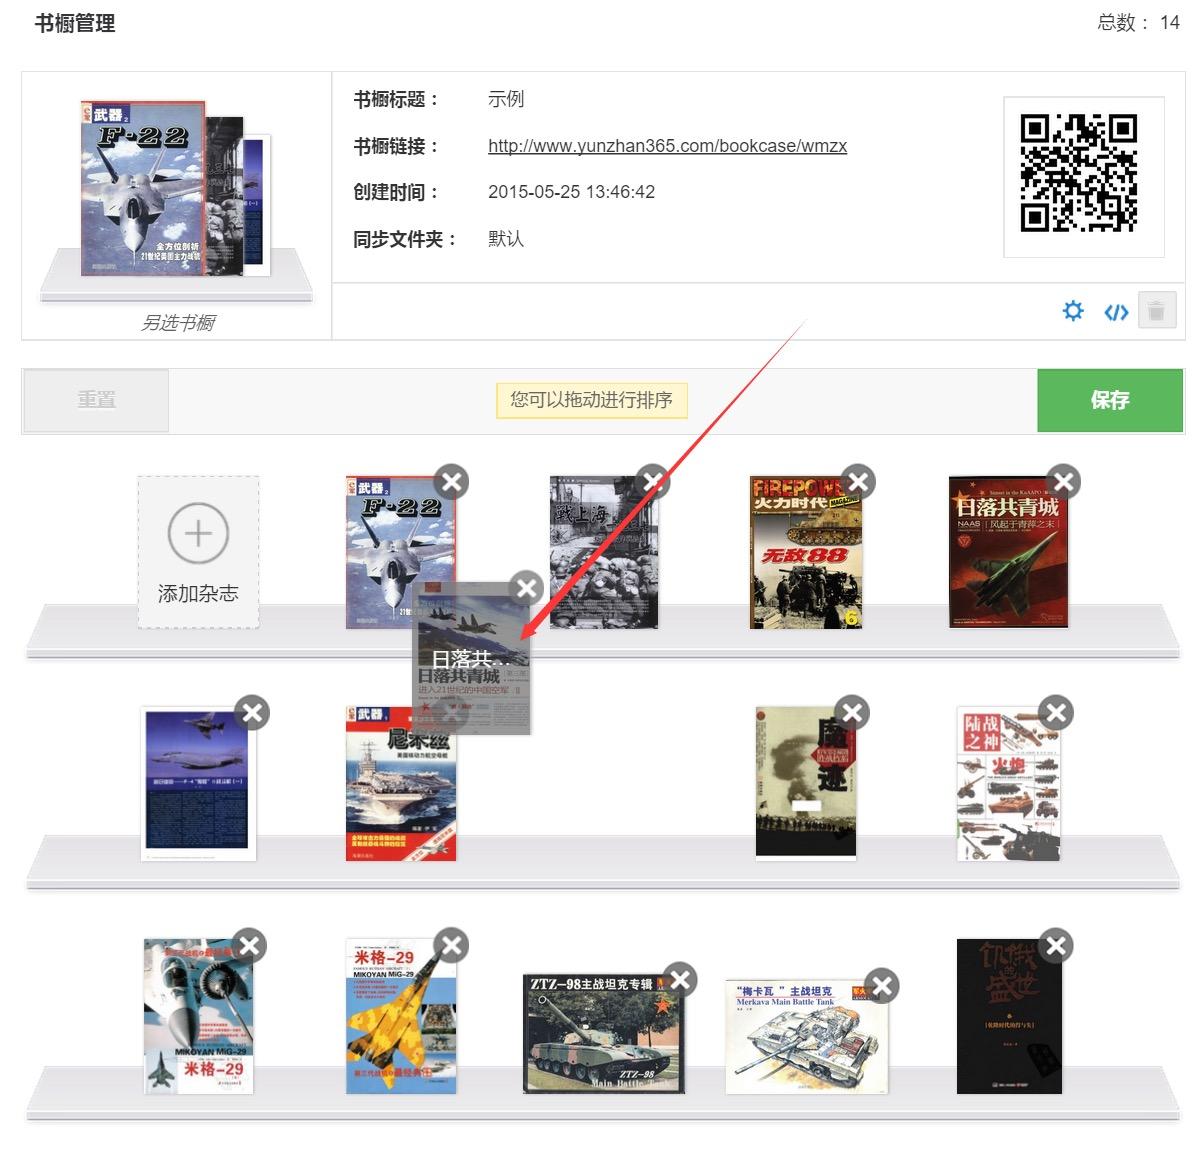 书橱的杂志画册如何自定义排列?【付费会员功能】